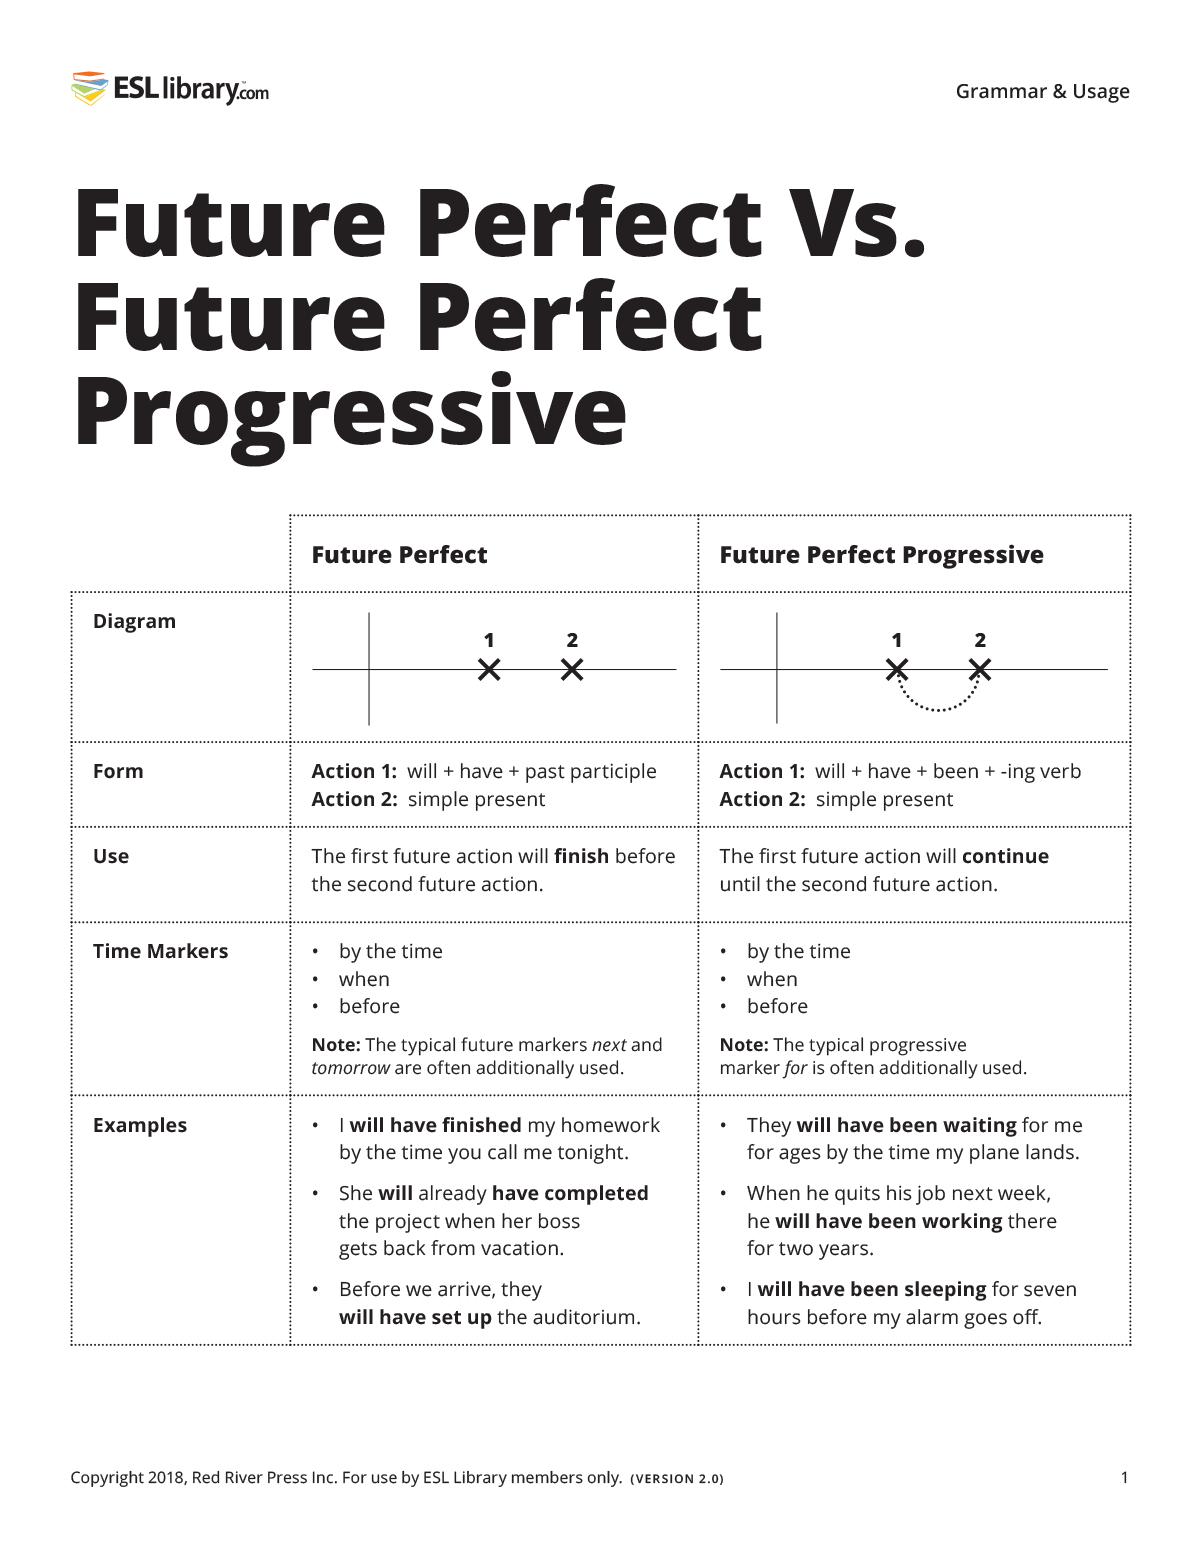 Future Perfect Vs Future Perfect Progressive